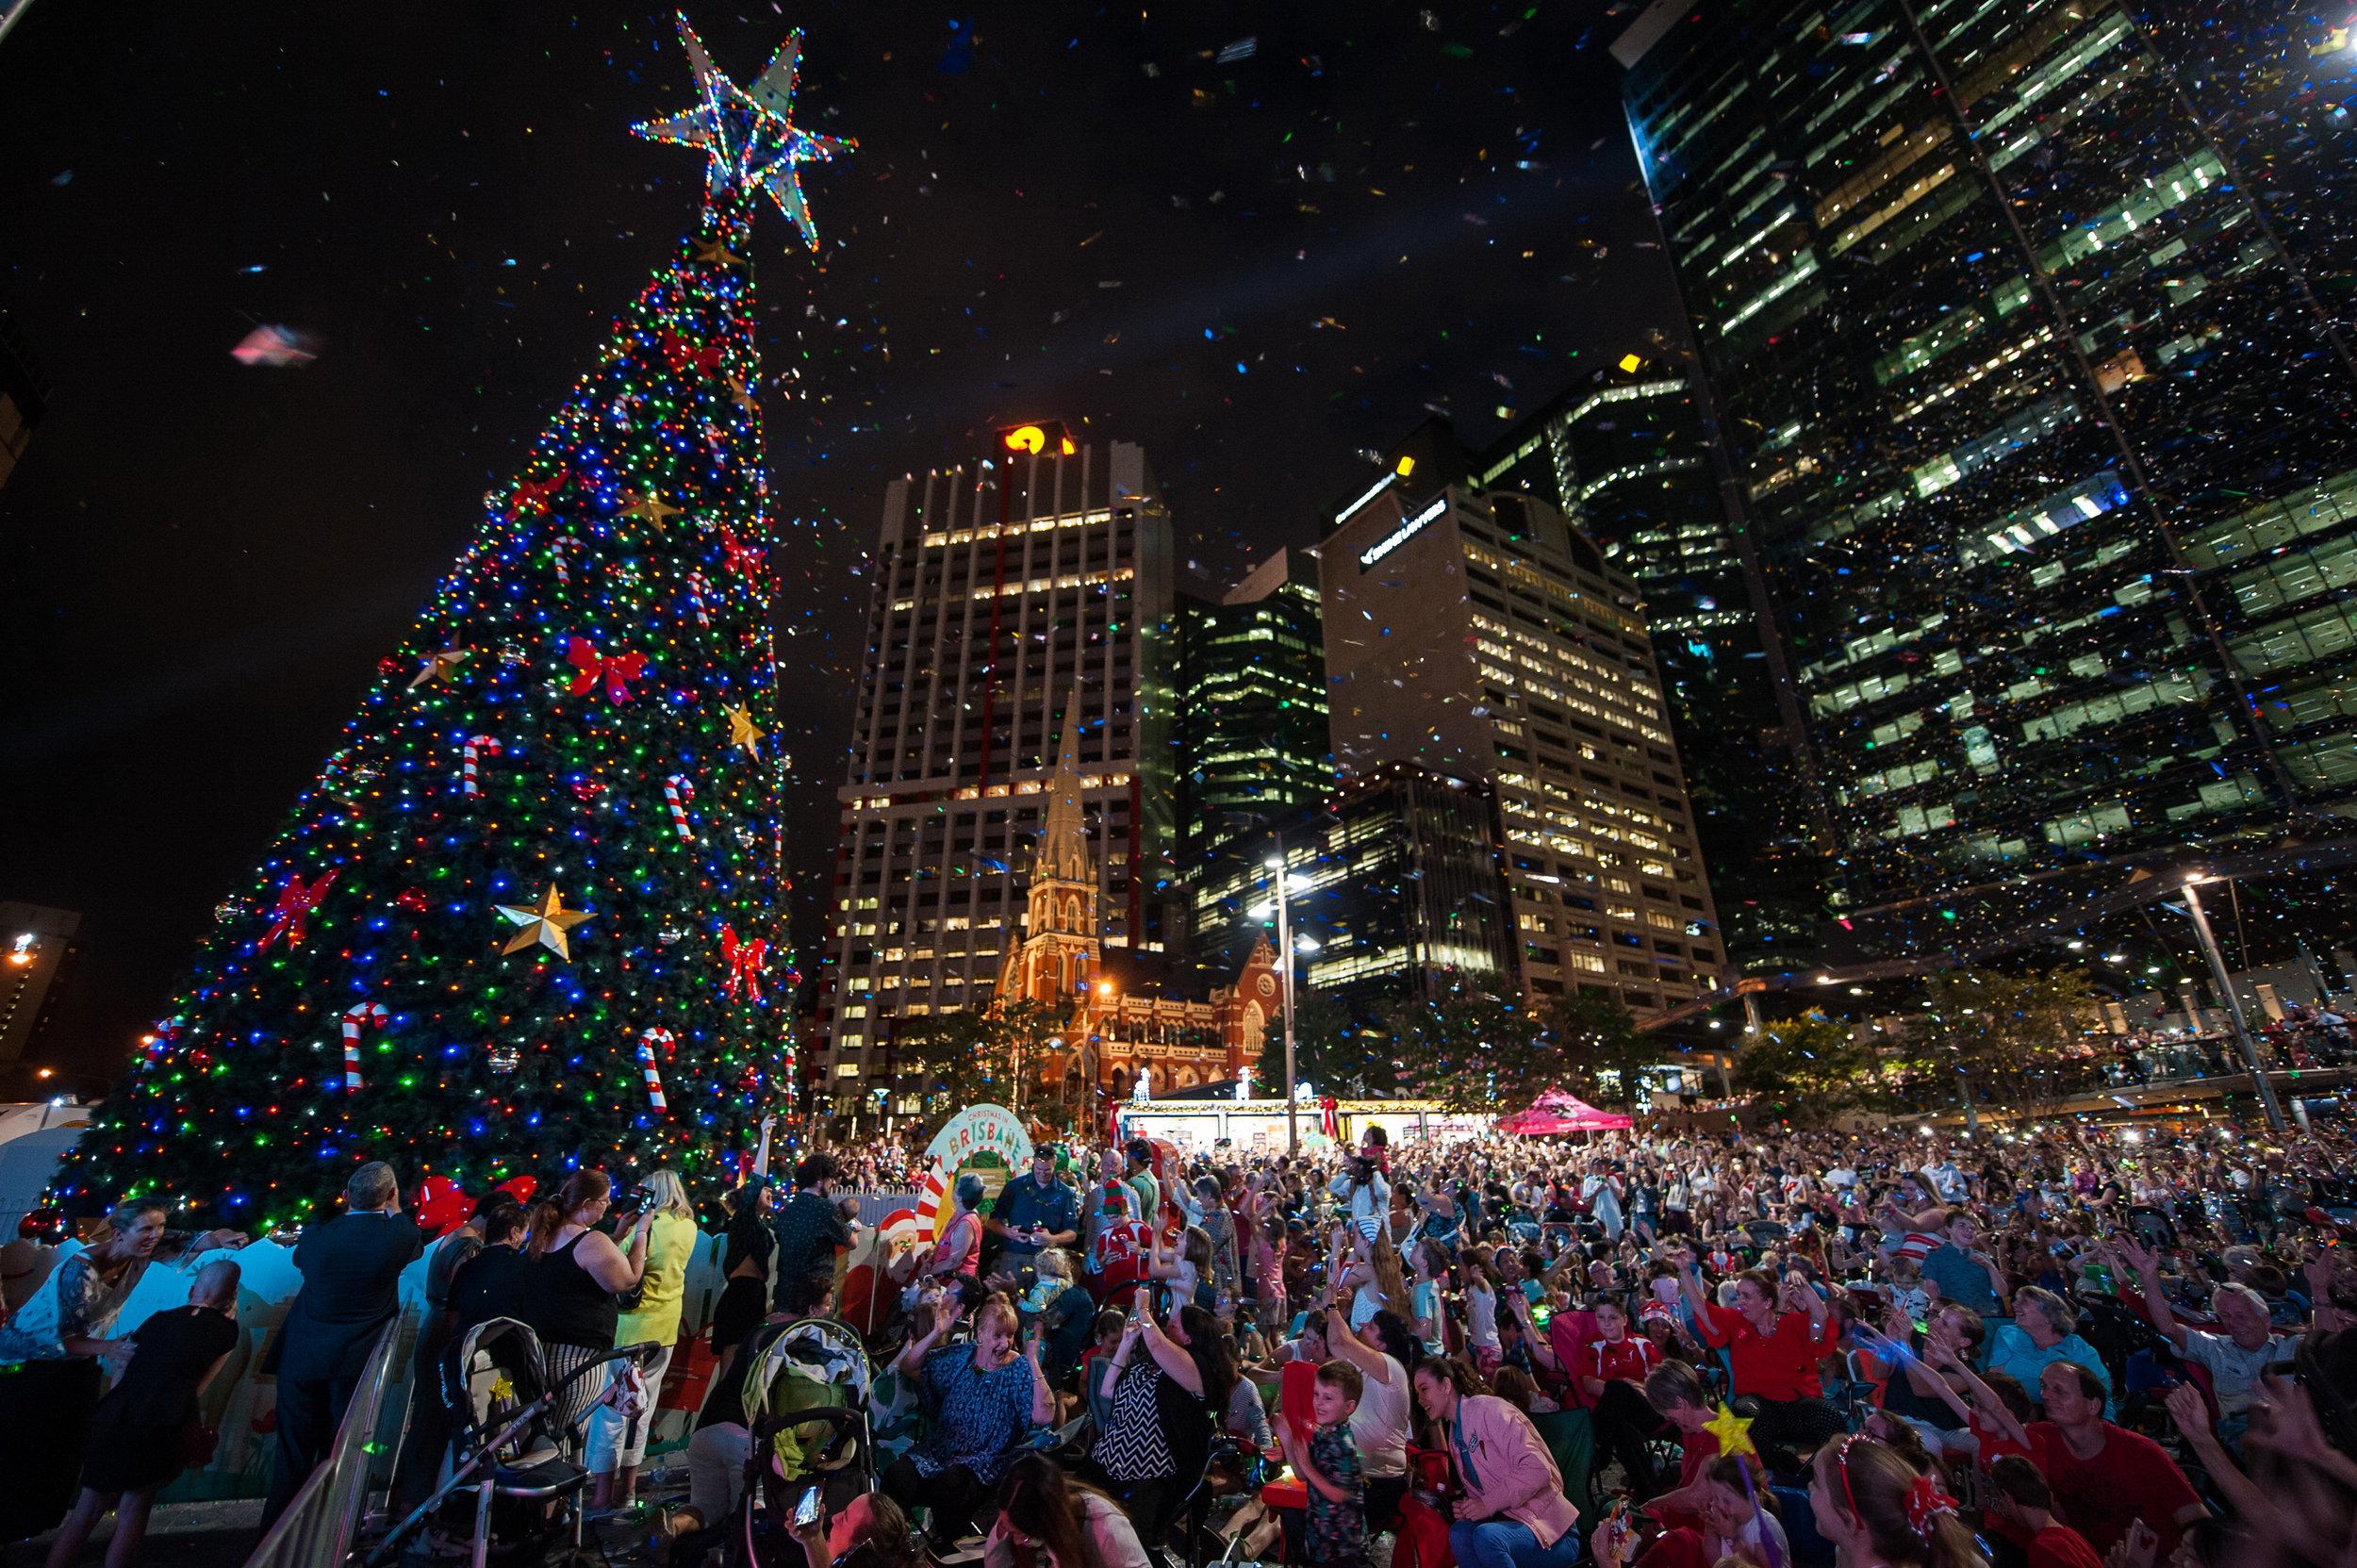 Christmas_in_Brisbane__Lighting_Xmas_Tree_Marc Grimwade.jpg